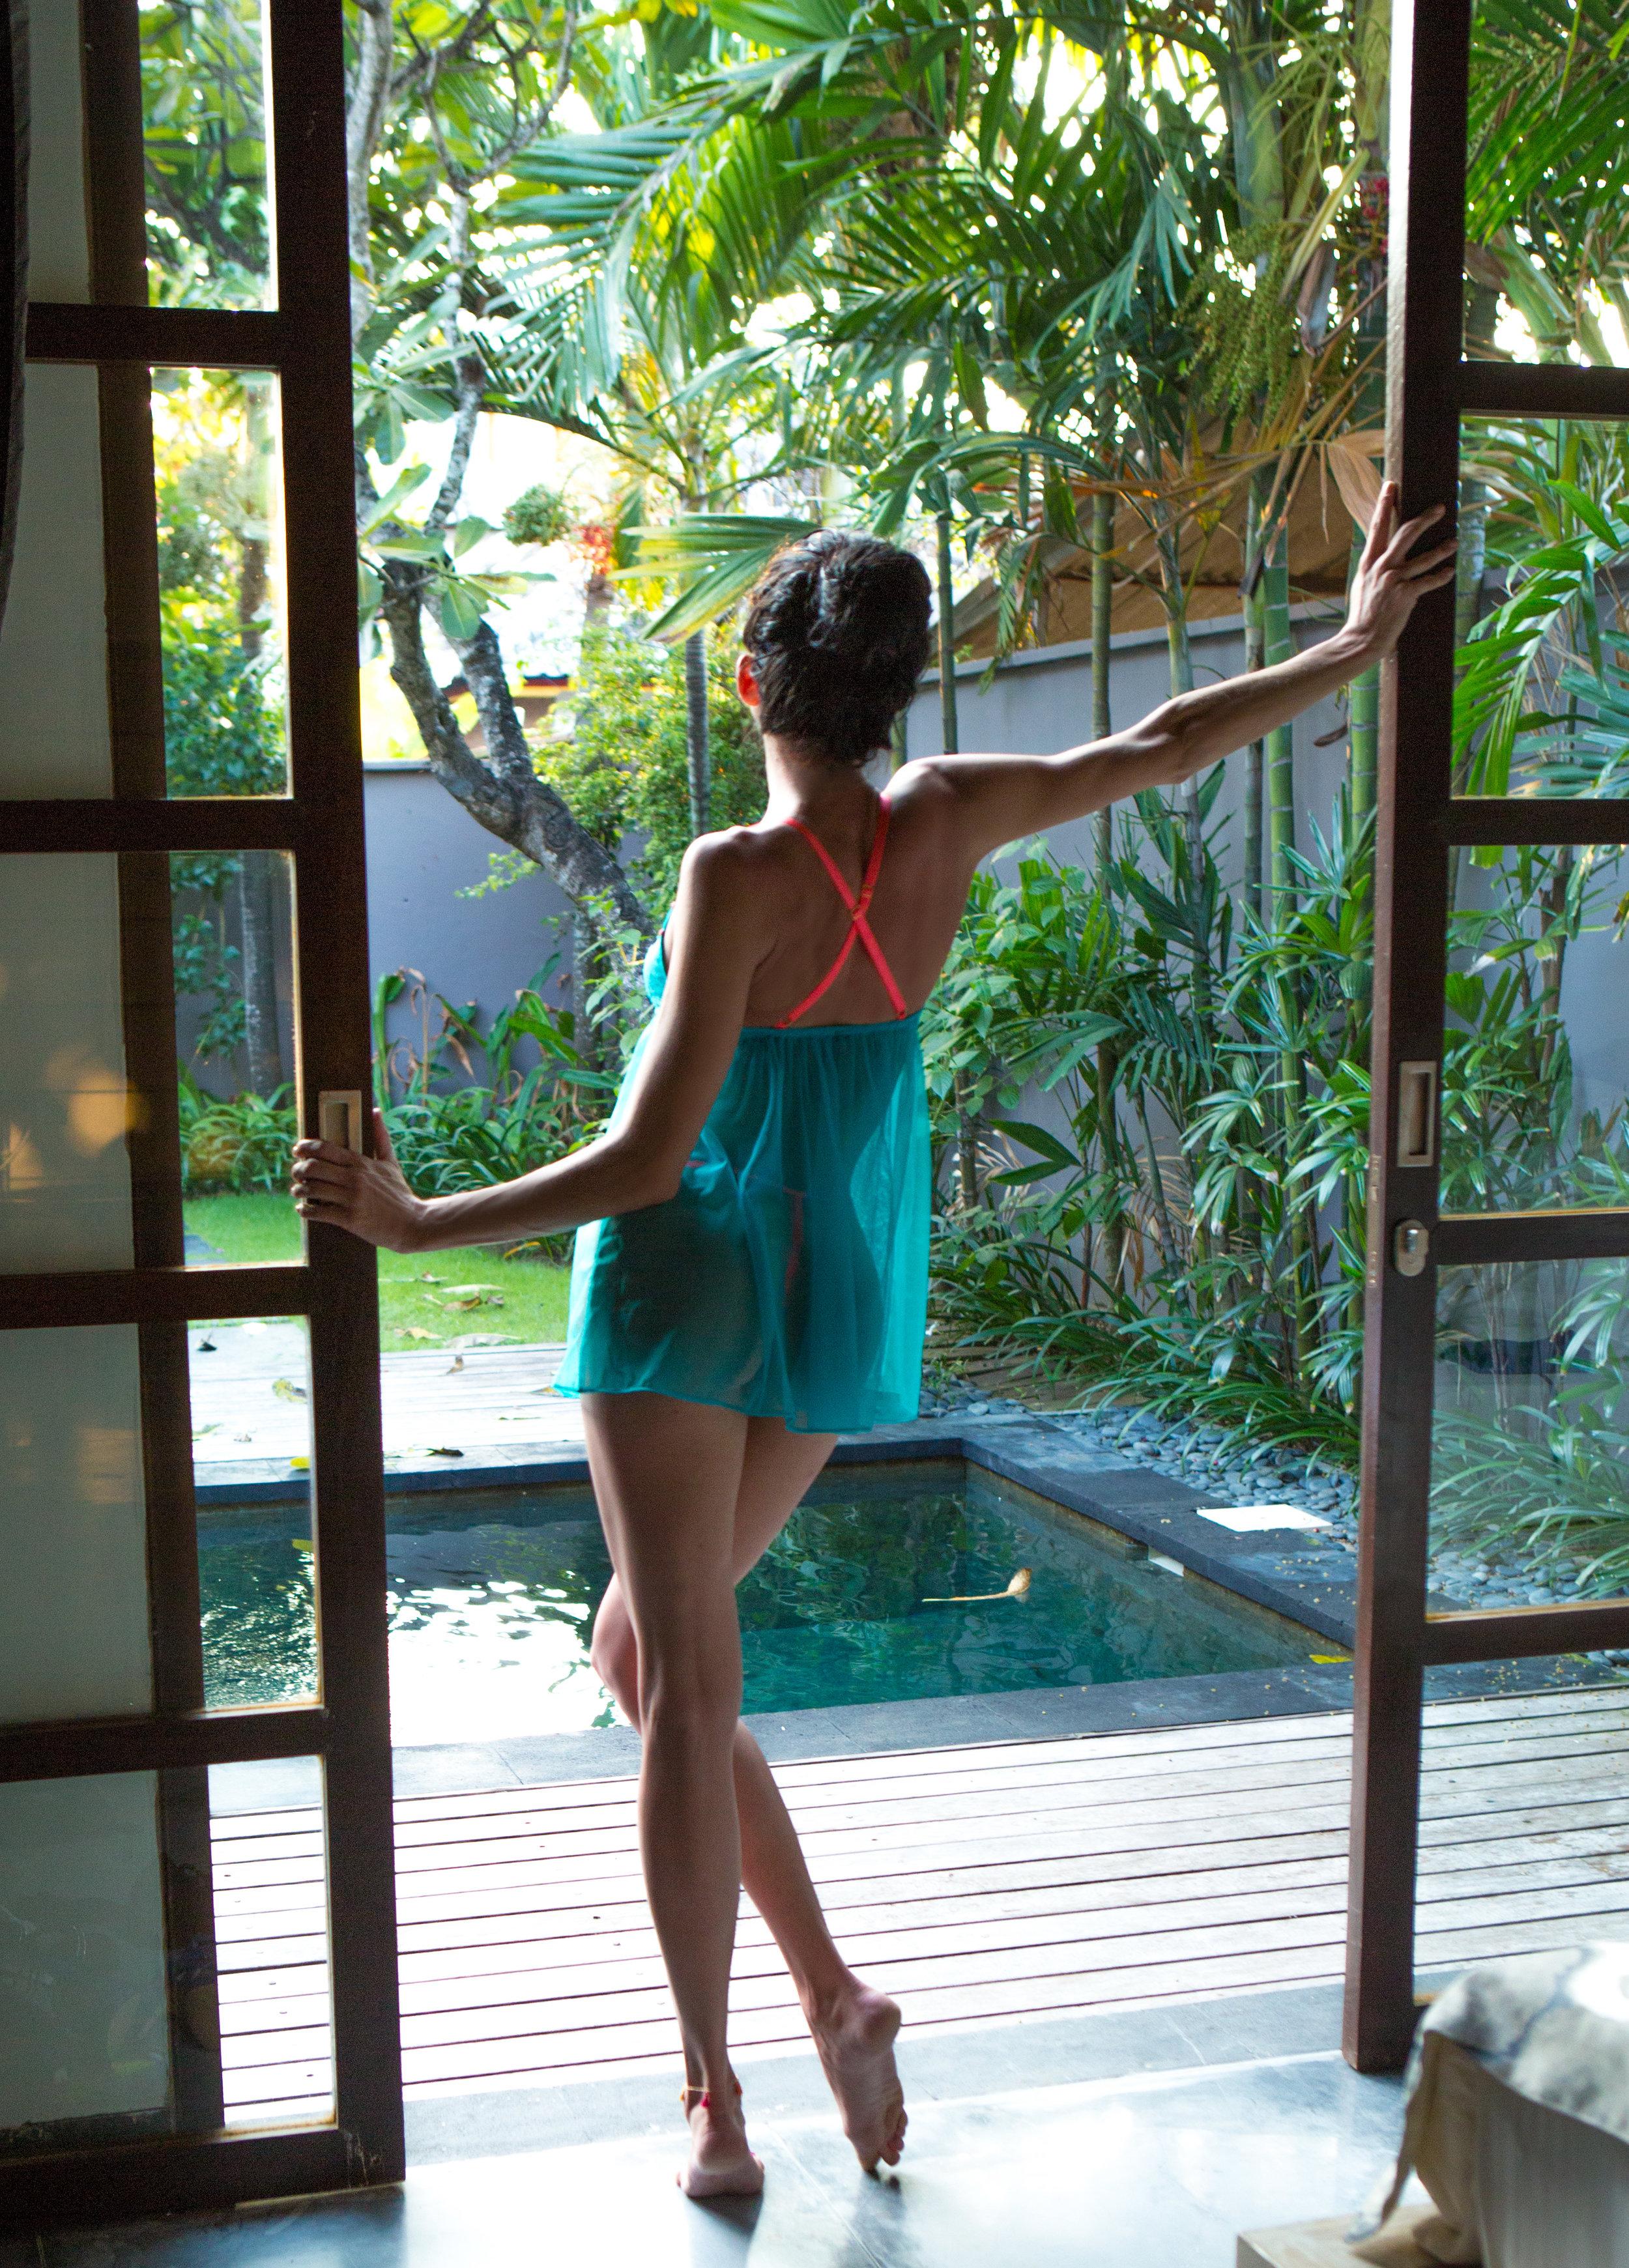 Bali-Alex-8366.jpg